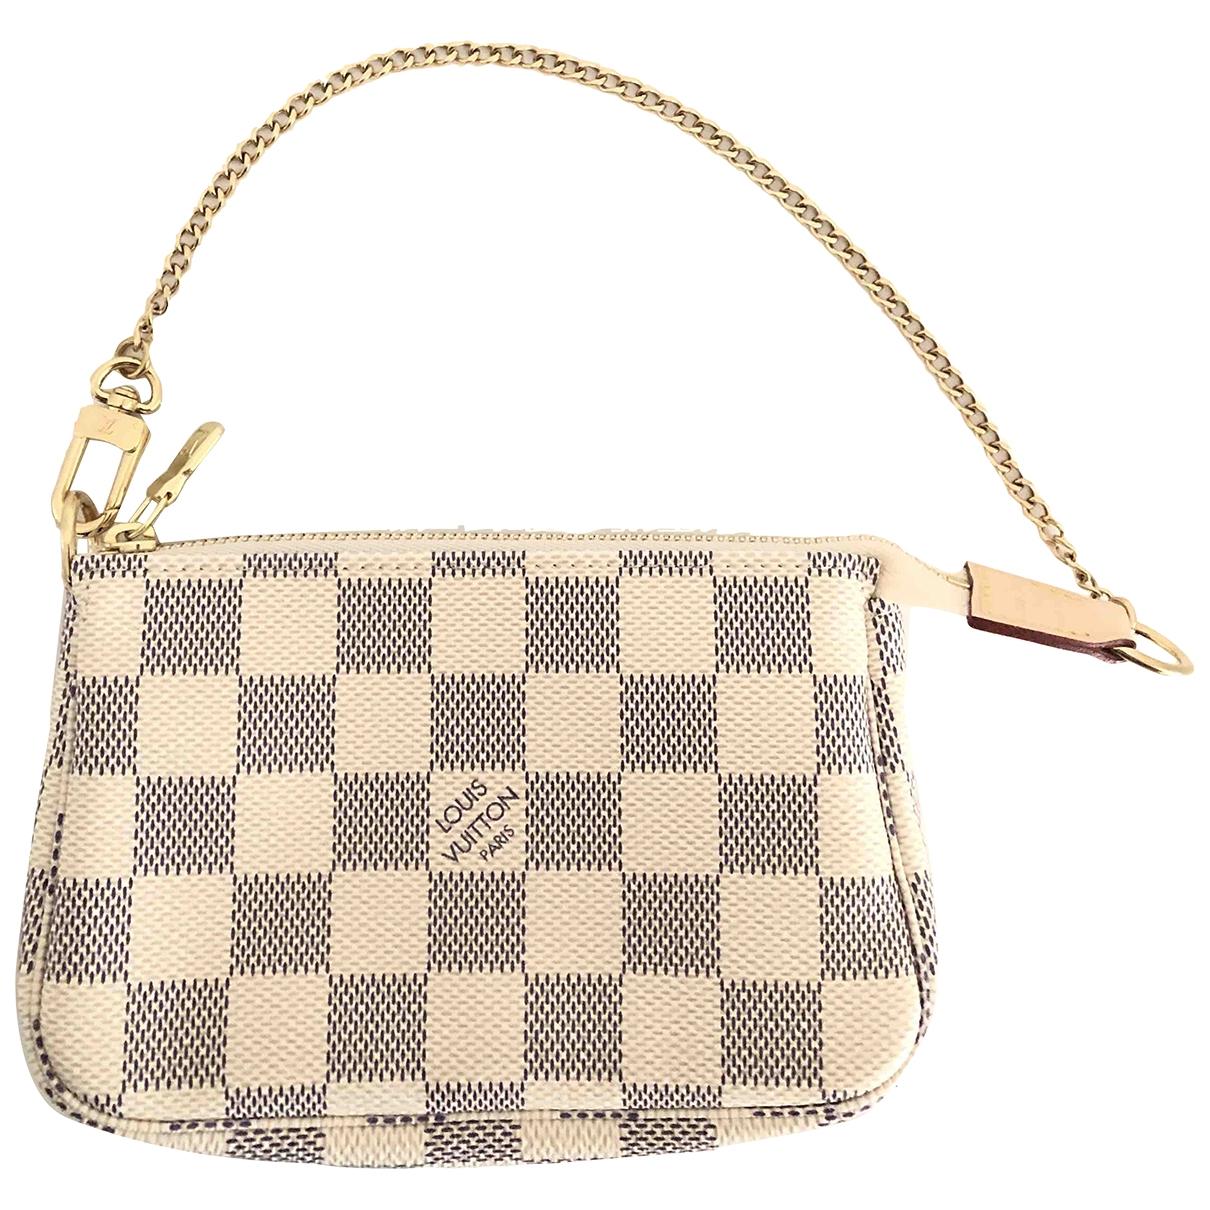 Louis Vuitton Pochette Accessoire Beige Cloth Clutch bag for Women \N